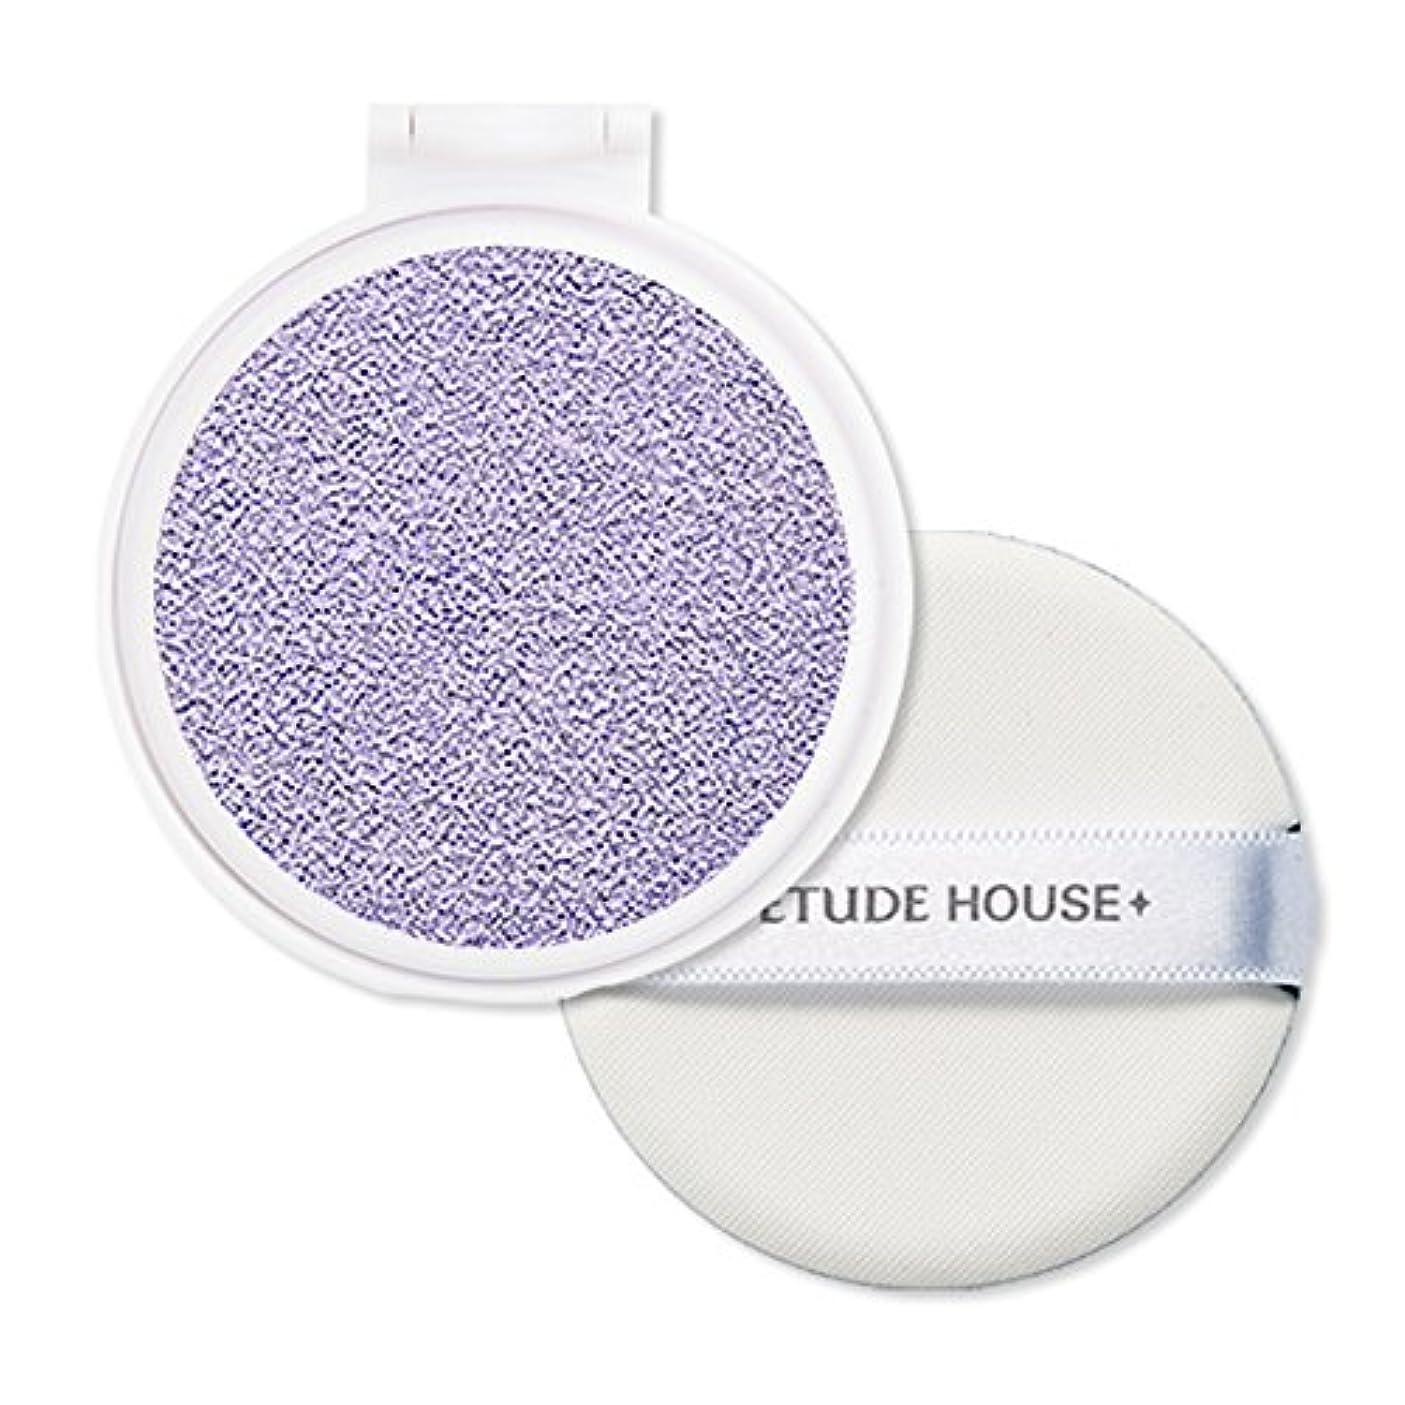 突っ込むコントラスト削減エチュードハウス(ETUDE HOUSE) エニークッション カラーコレクター レフィル Lavender